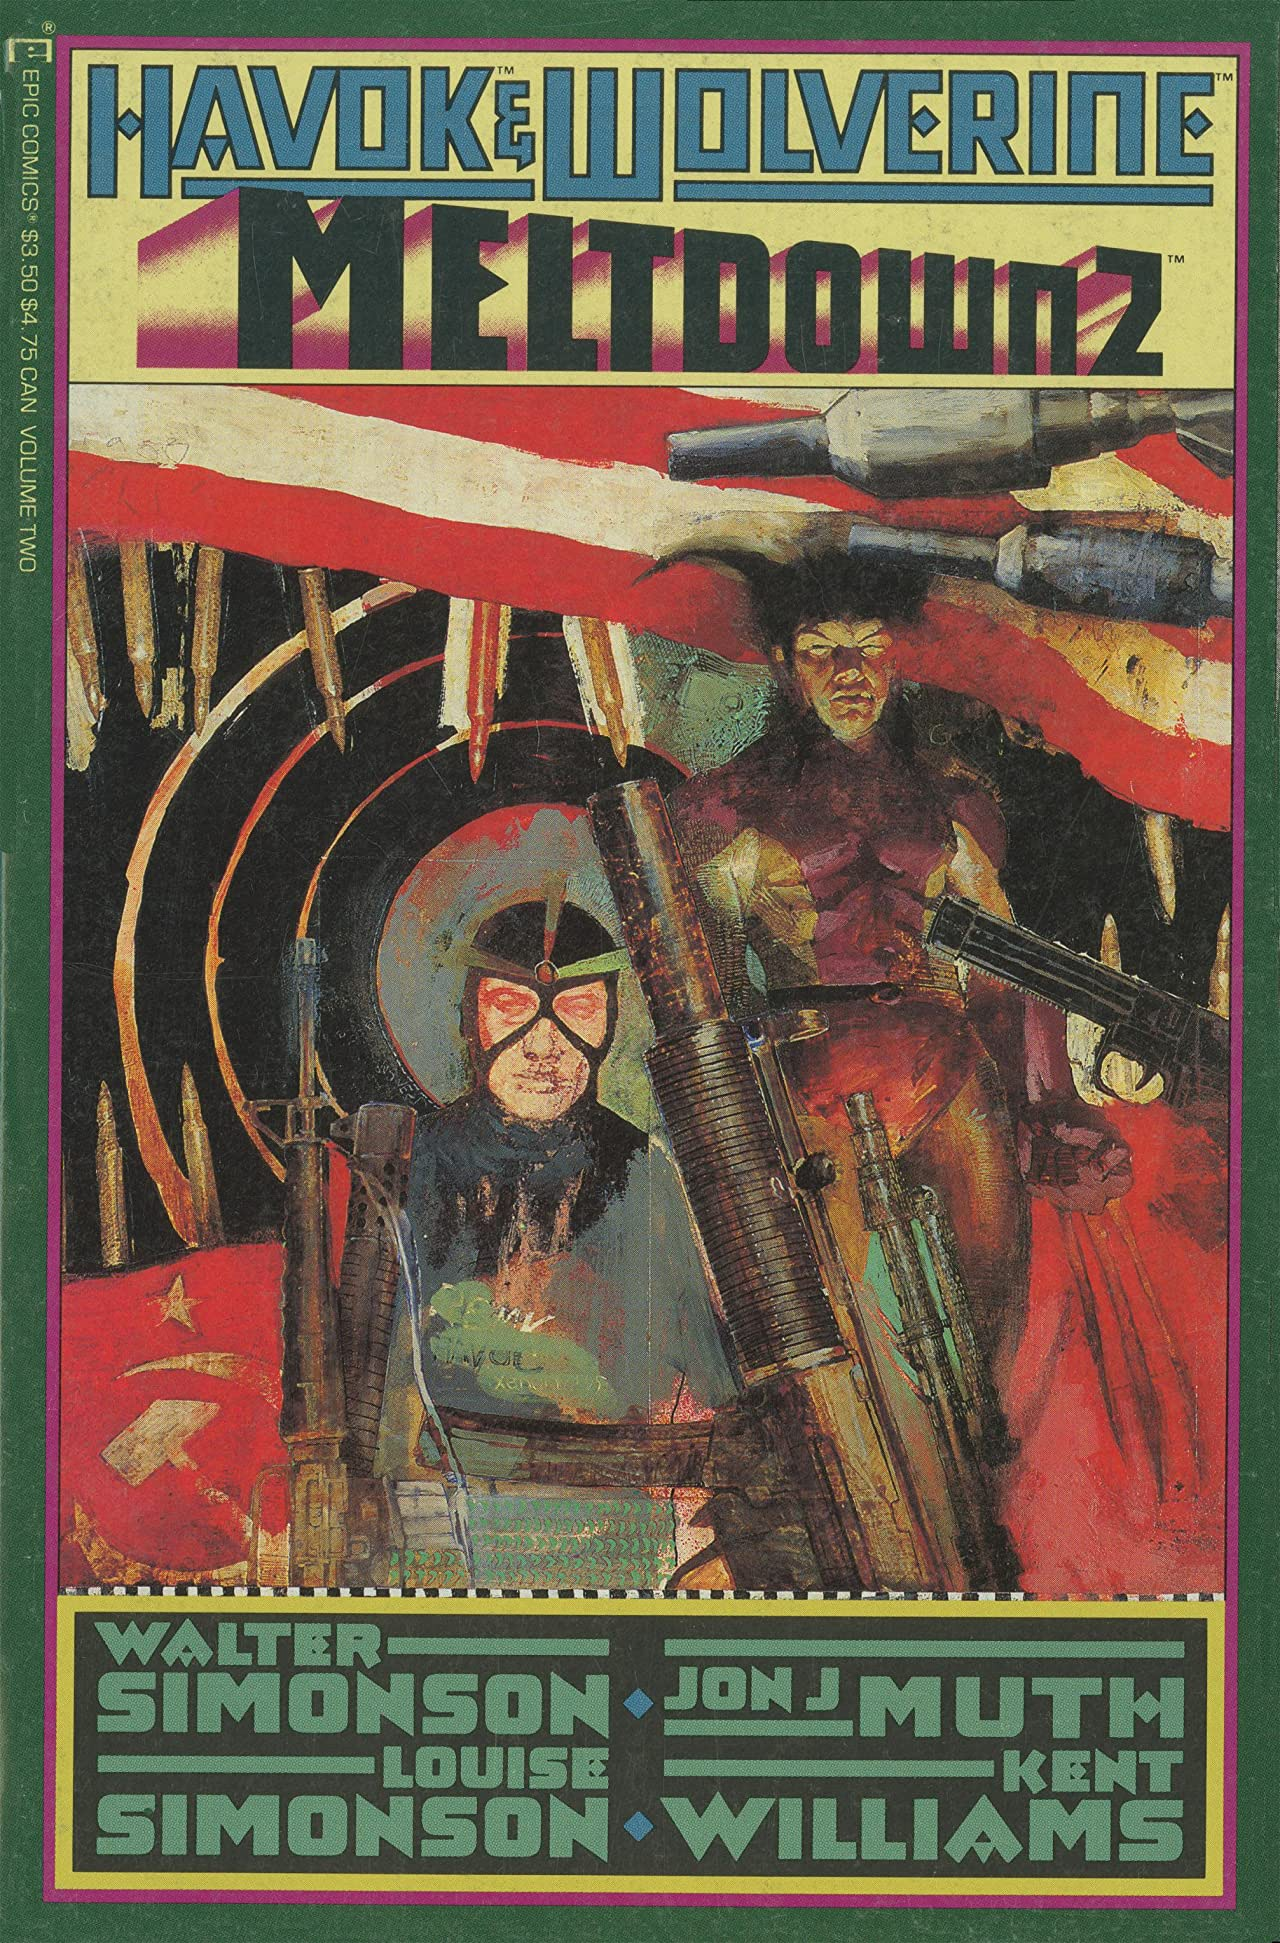 Havok and Wolverine: Meltdown (1988) #2 (of 4)